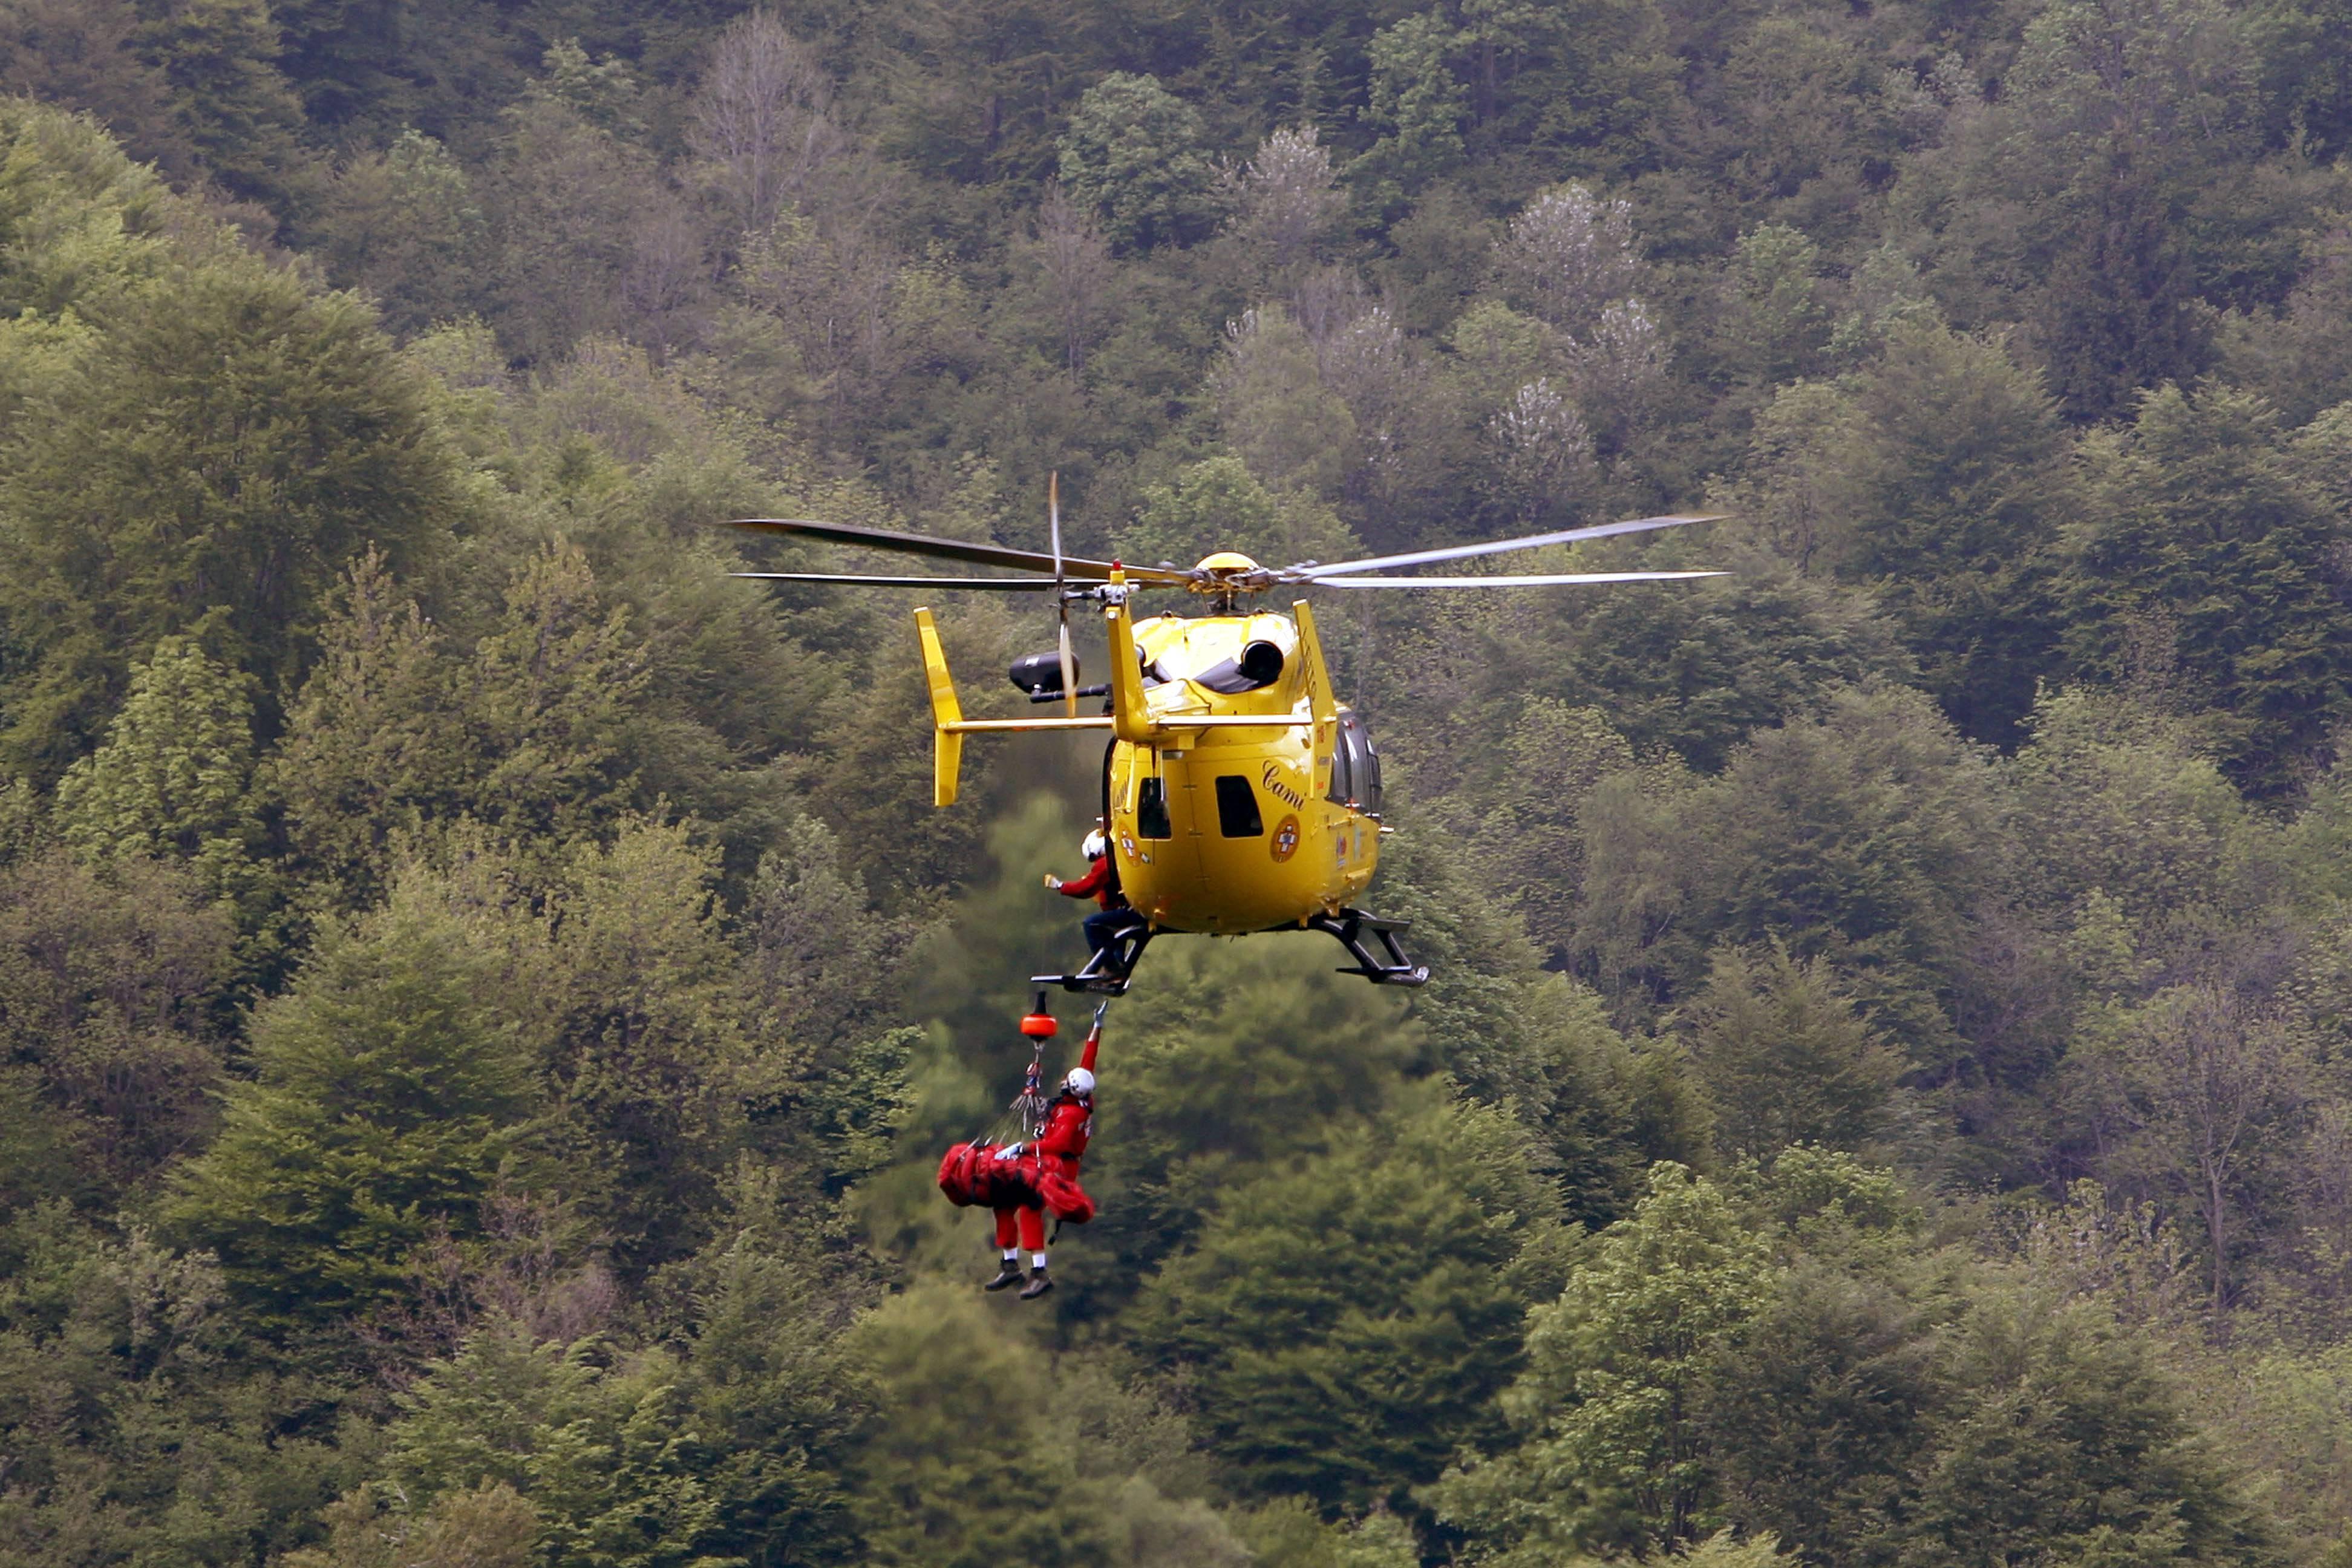 Klettersteig Unfall : Aflenz wiener neustädter bei klettersteig unfall verletzt noen at